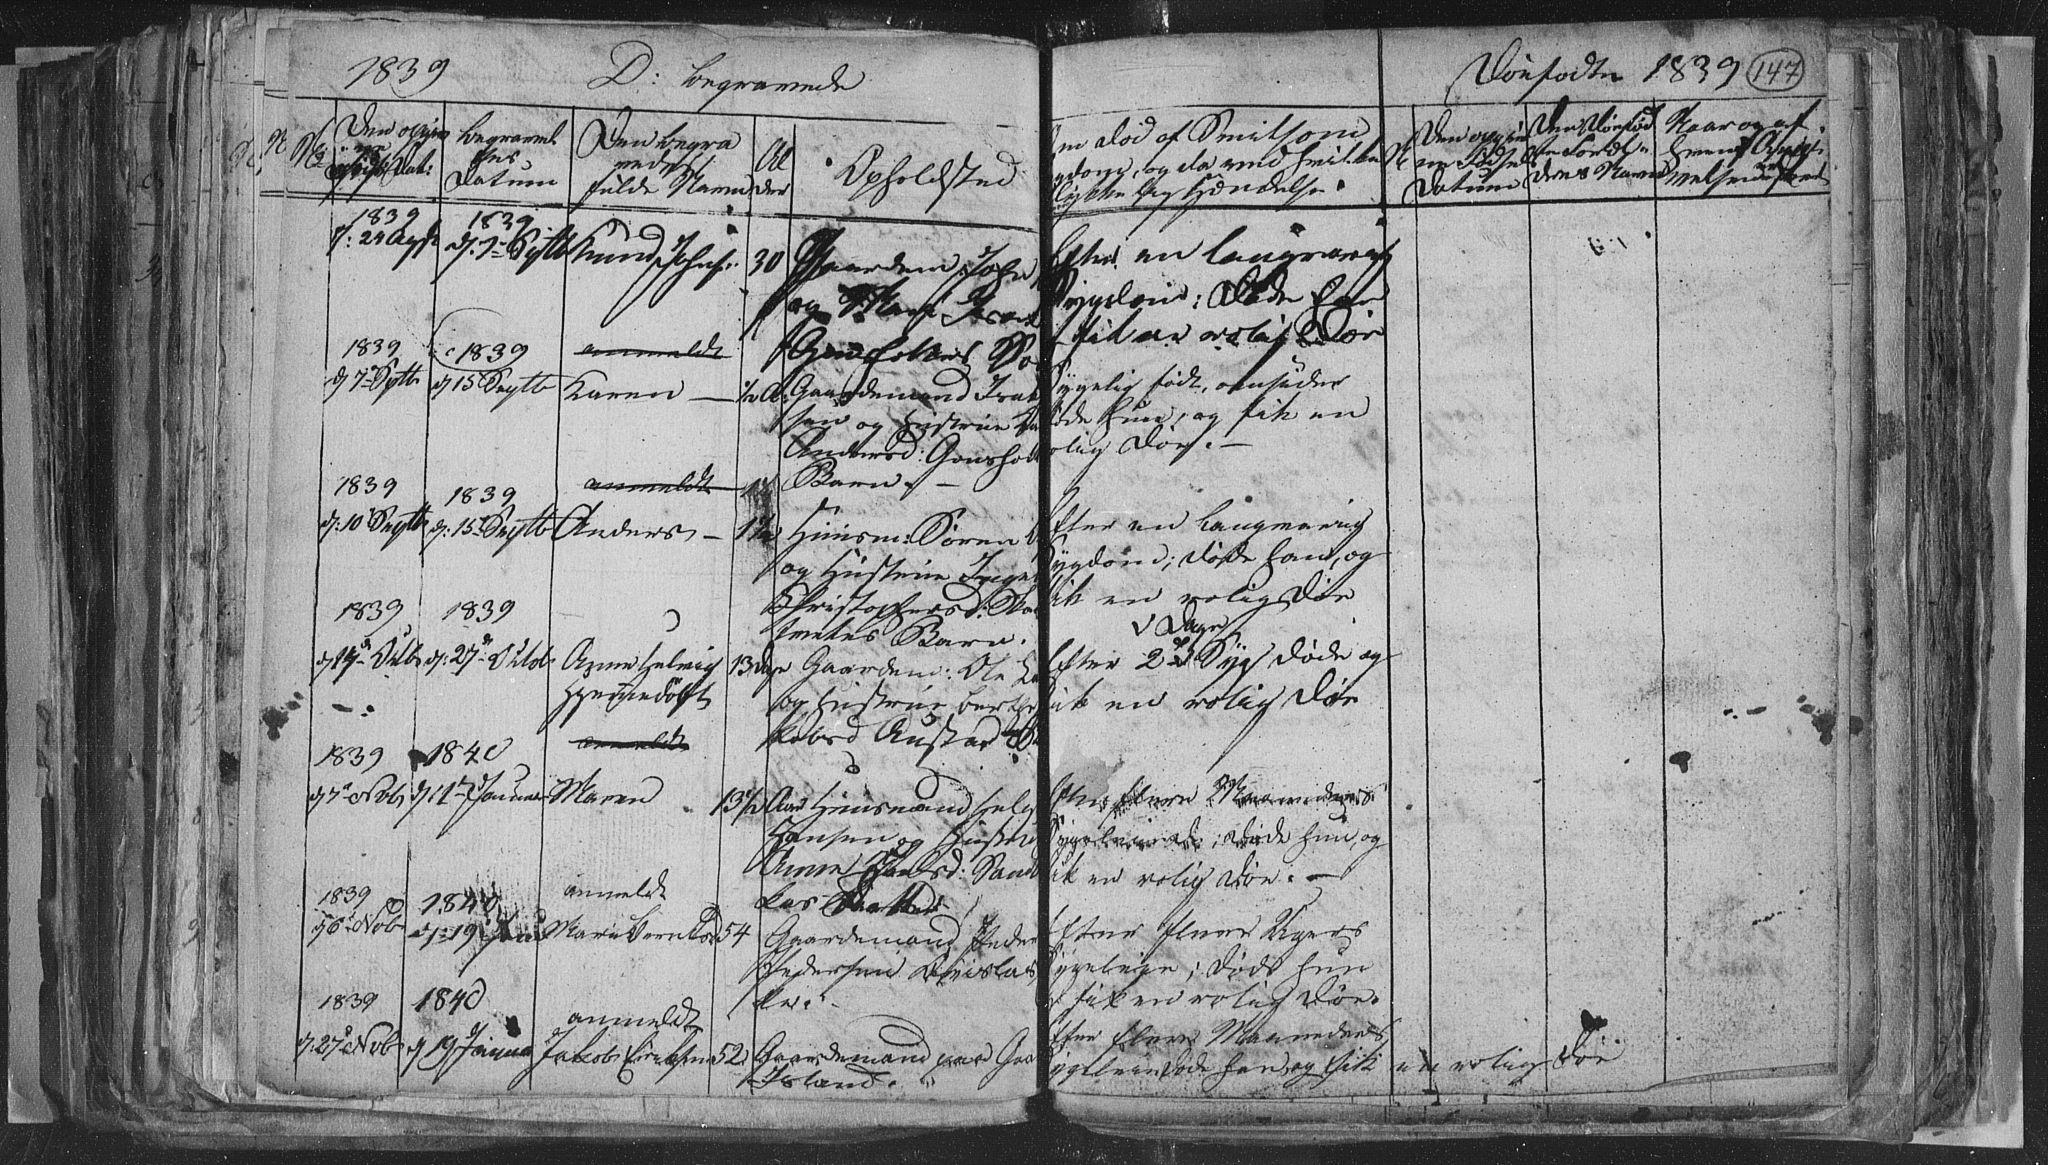 SAKO, Siljan kirkebøker, G/Ga/L0001: Klokkerbok nr. 1, 1827-1847, s. 147